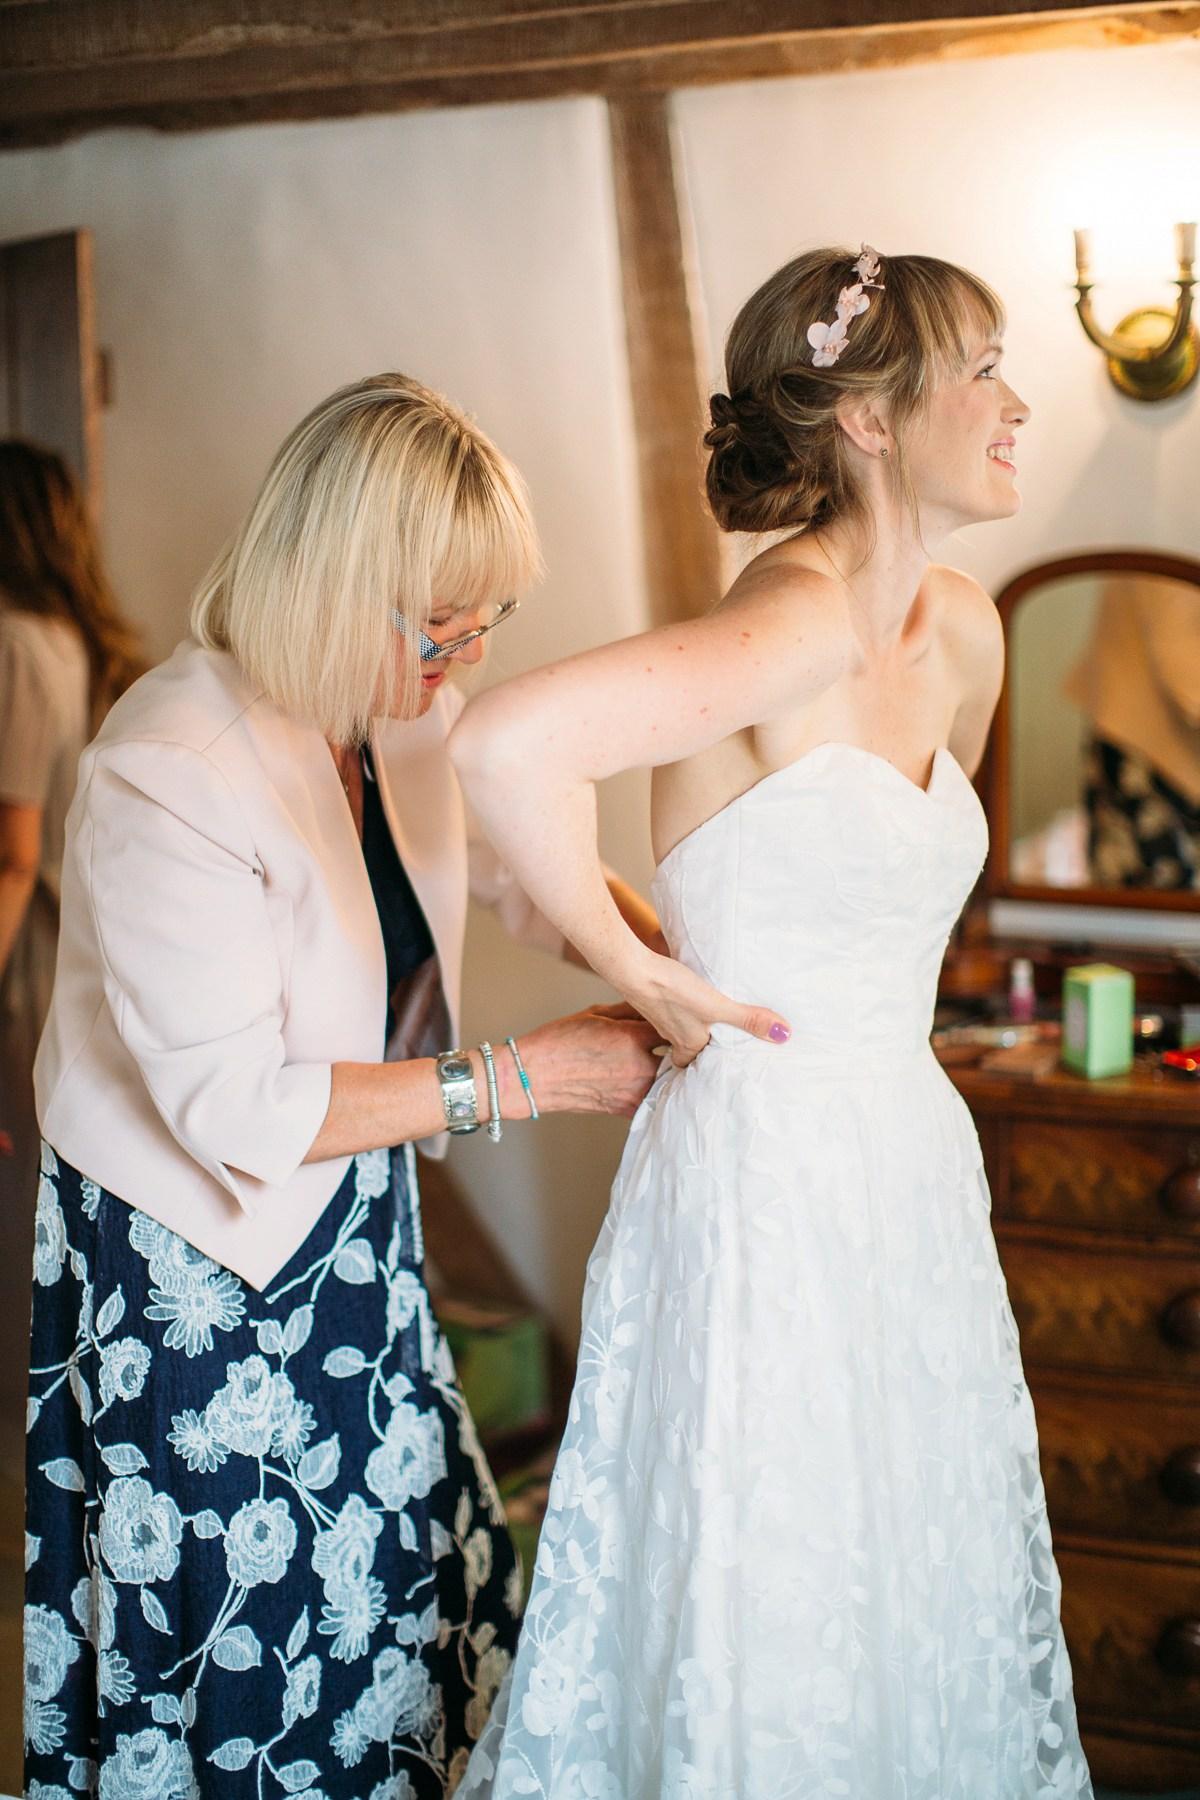 Beautiful bride Eleanor wears a wedding dress by Halfpenny London